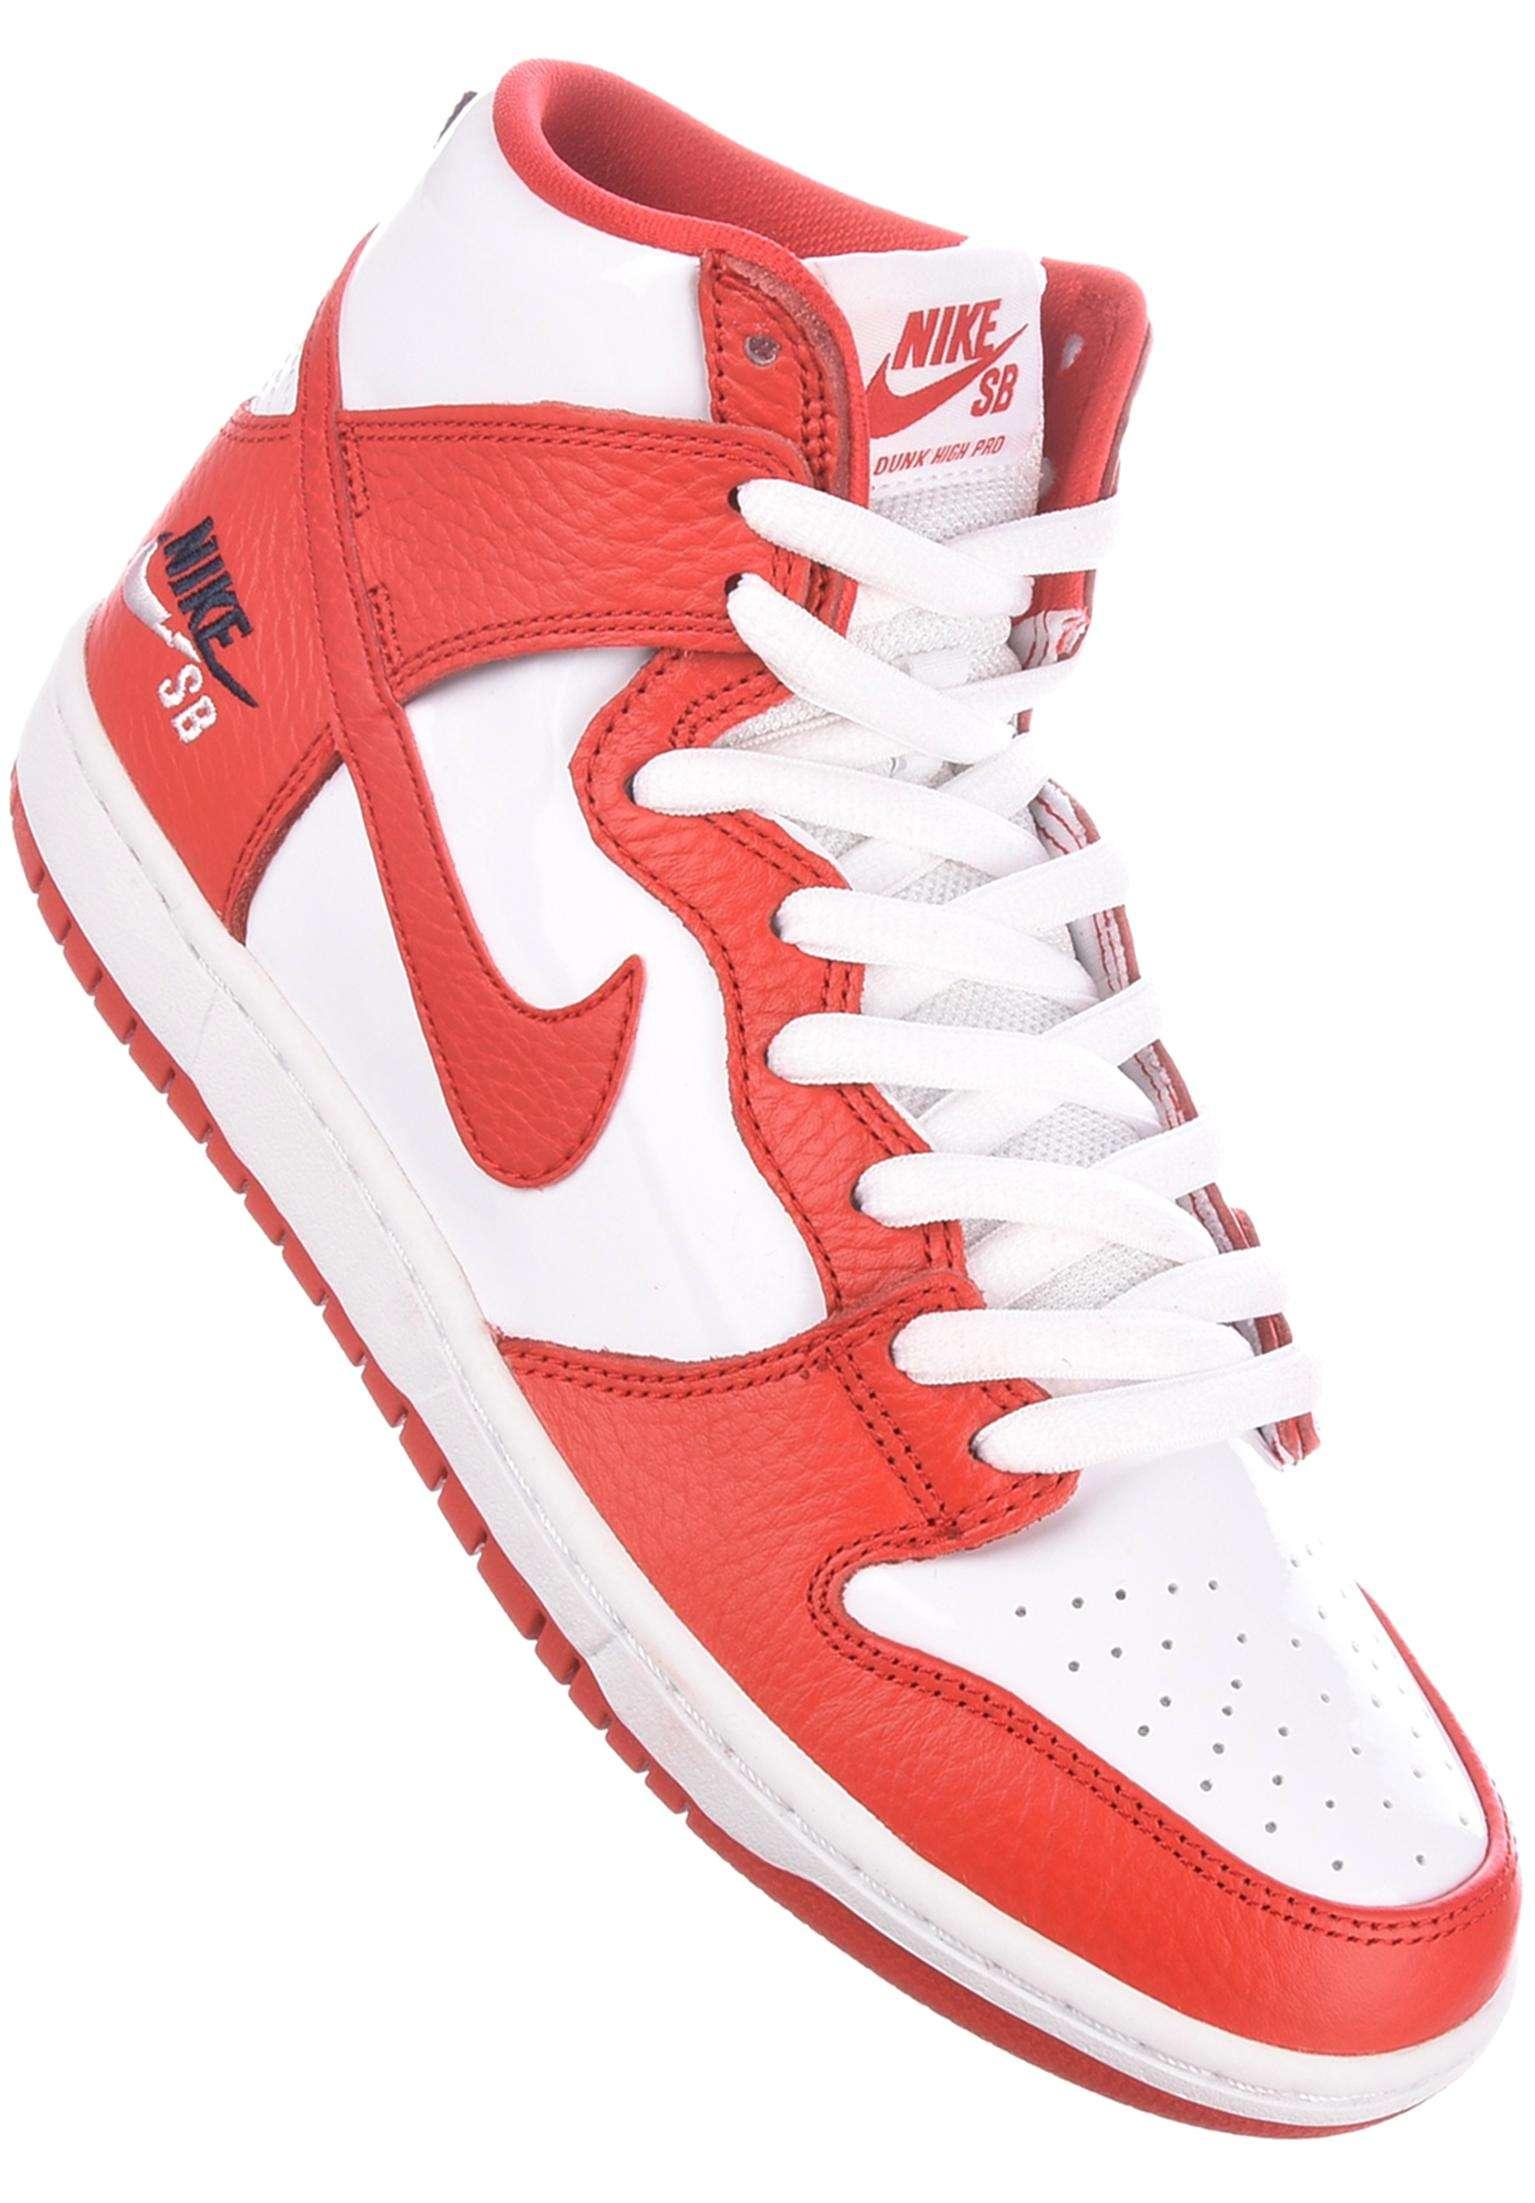 hot sales 0cce4 3889e Dunk High Pro Nike SB Alle Schoenen in universityred-universityred voor  Heren  Titus